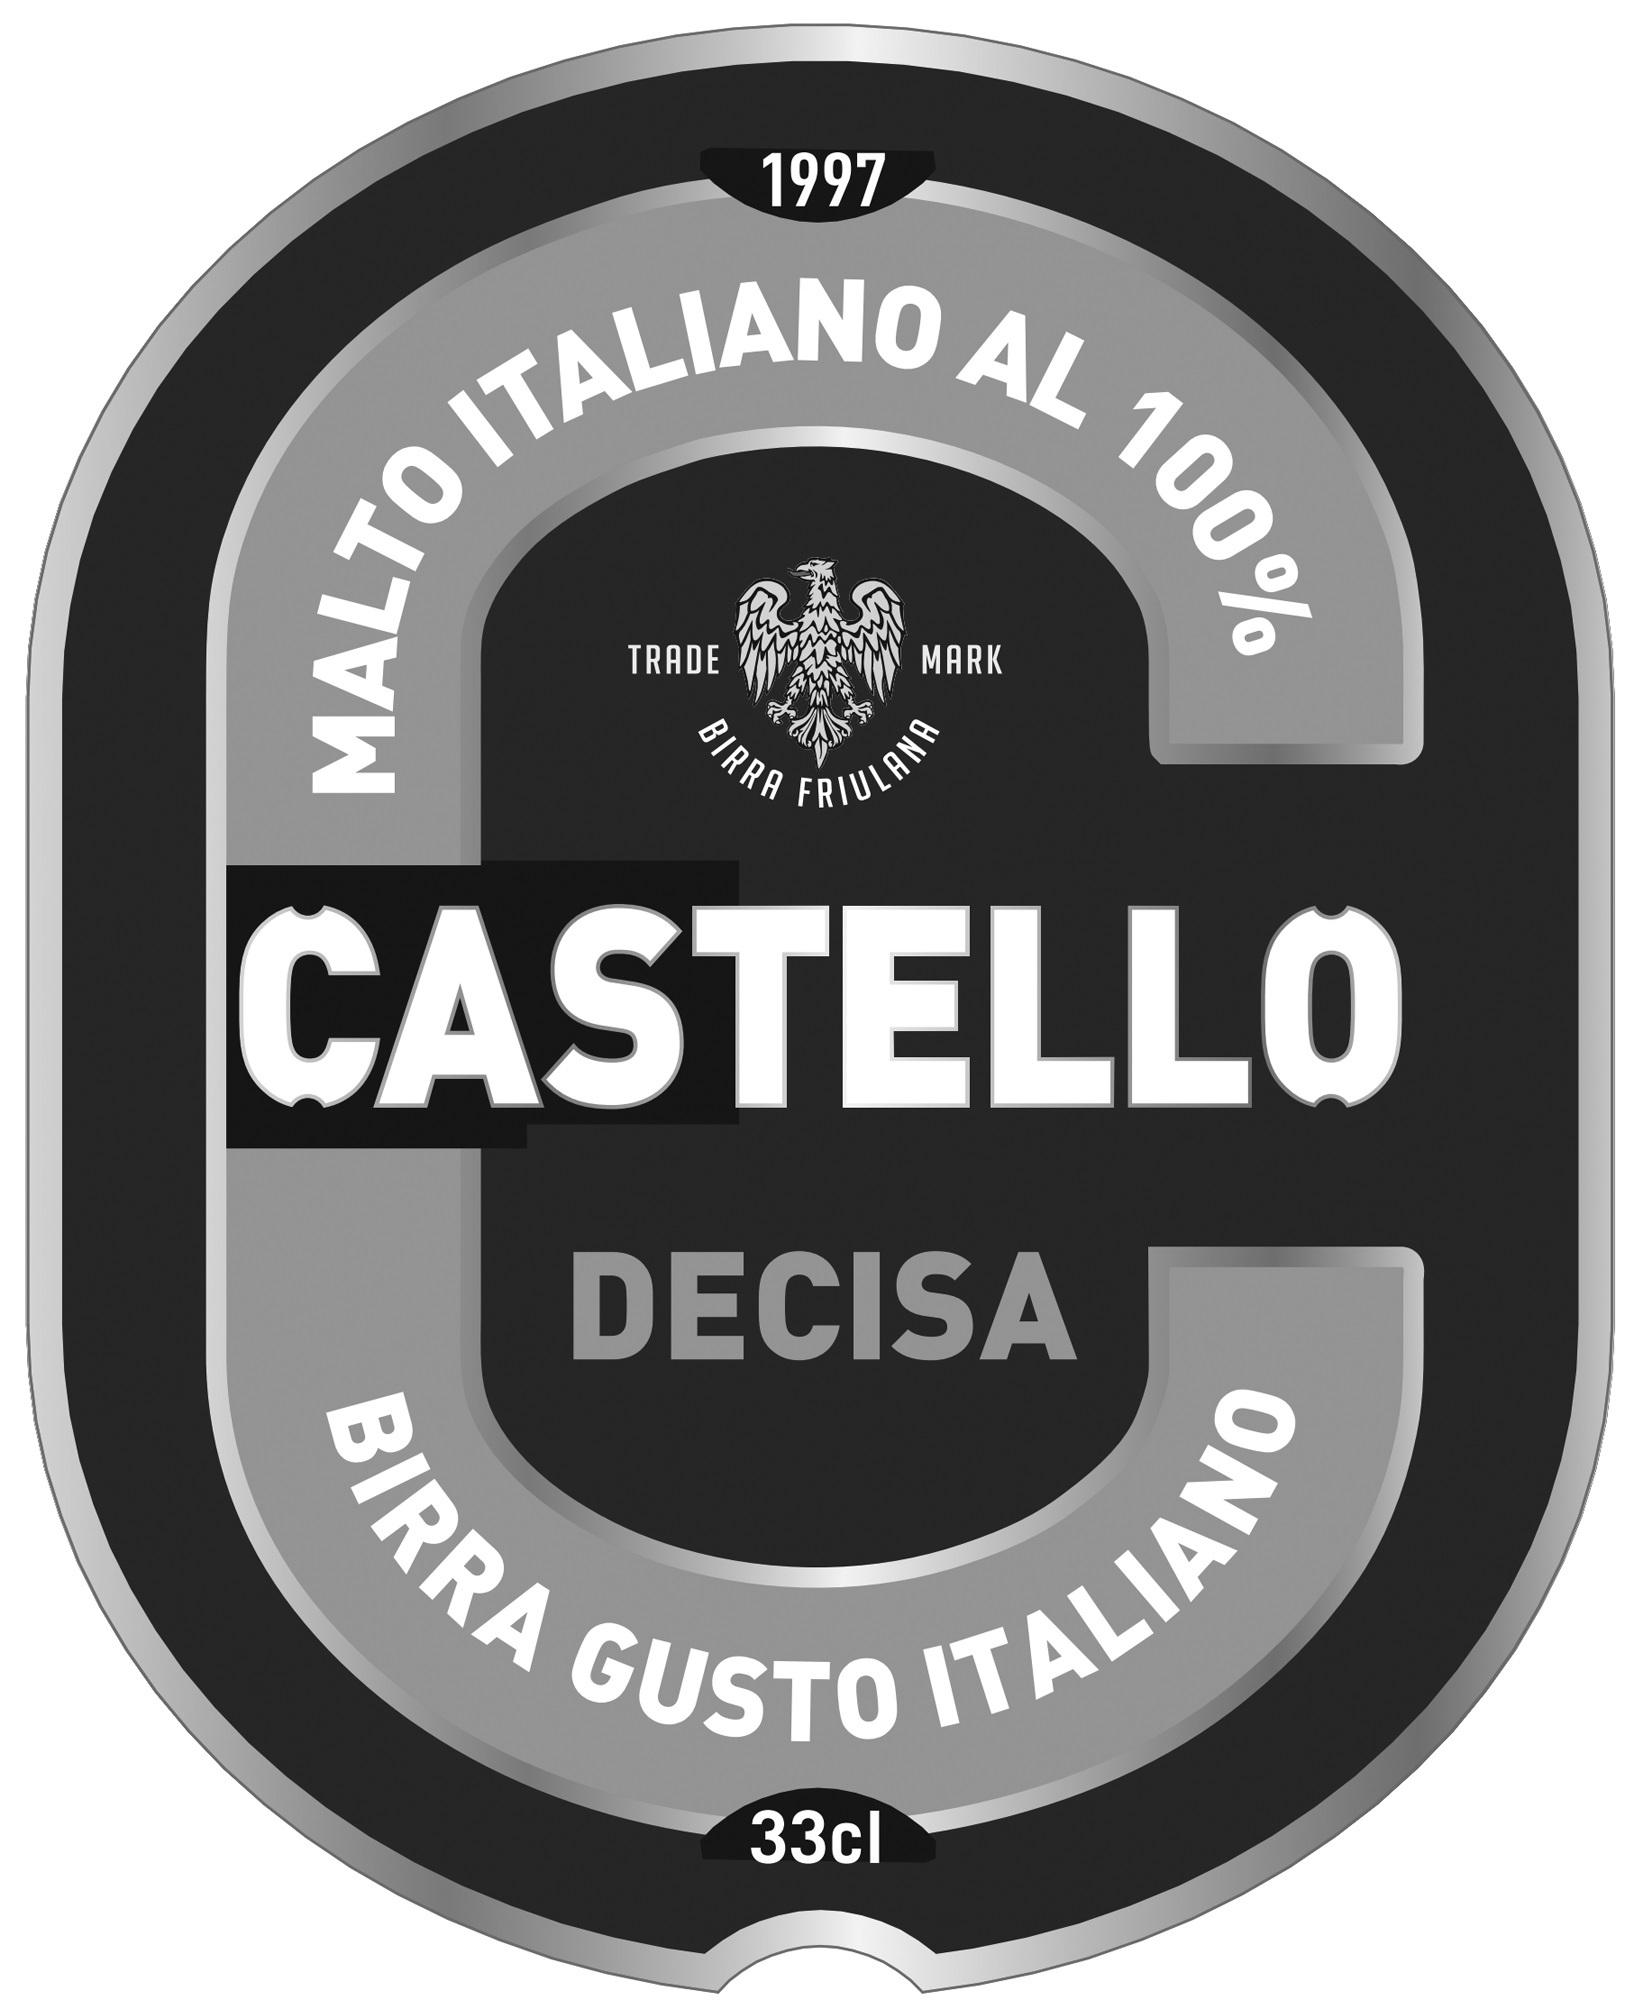 CASTELLO DECISA